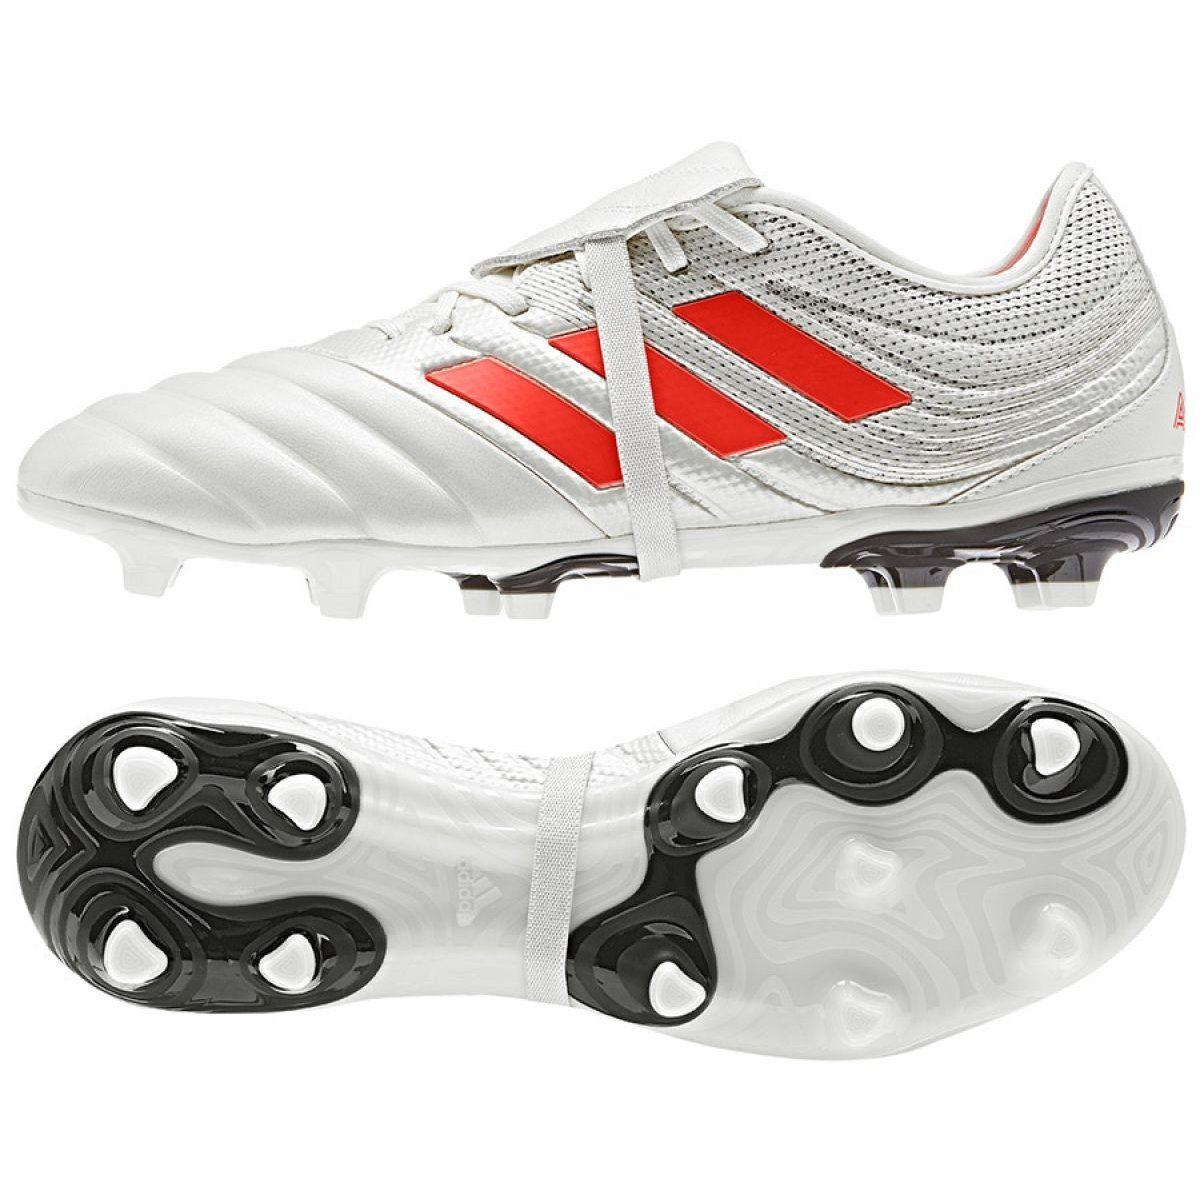 Buty Piłkarskie Męskie Adidas Copa Gloro 19.2 Fg Biały